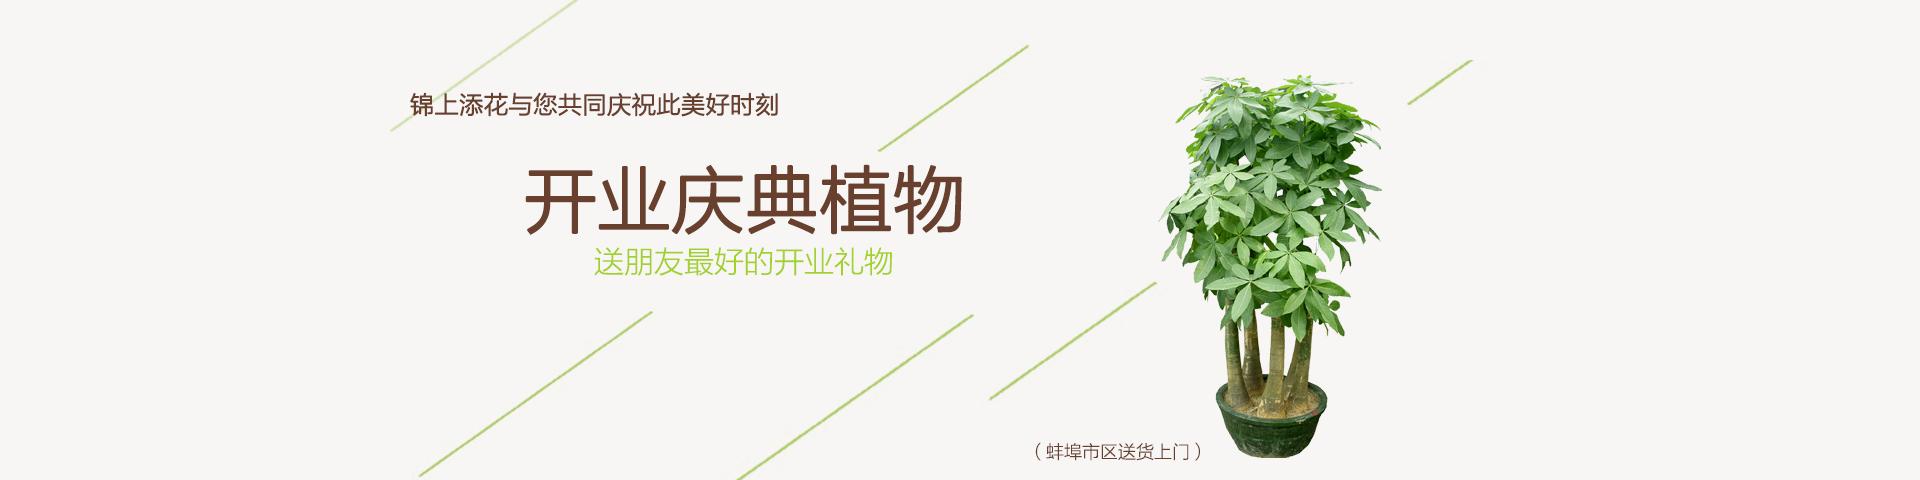 蚌埠开业植物